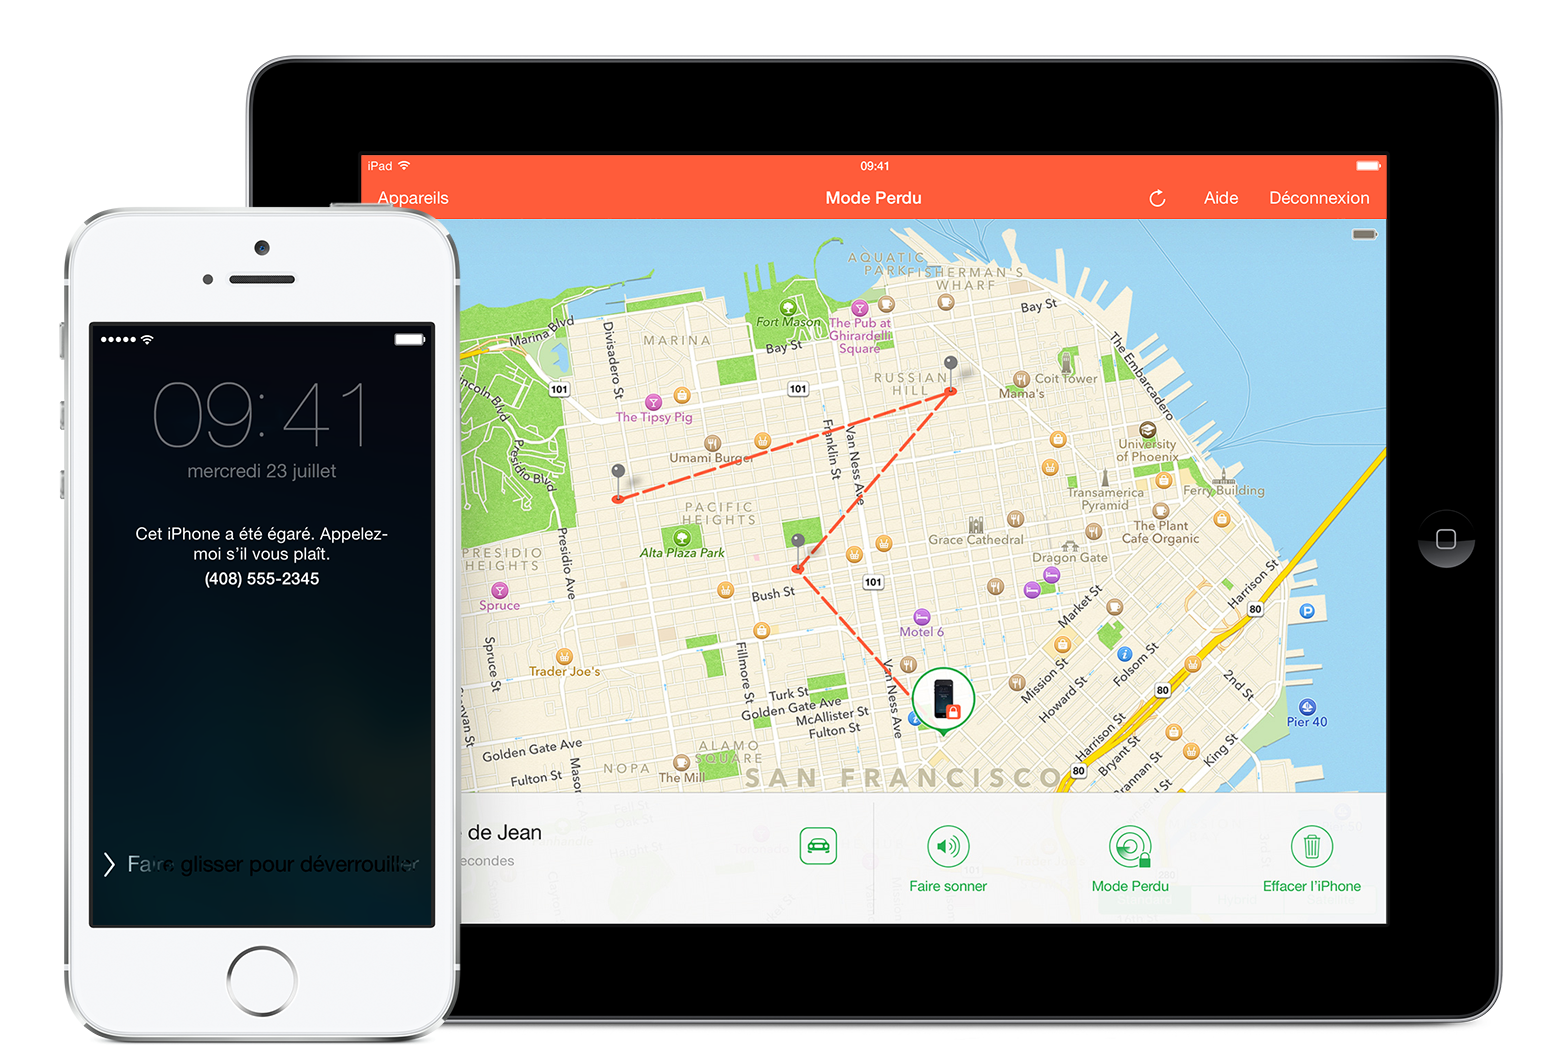 iPhone égaré bloqué et suivi de l'emplacement de ce dernier via l'application Localiser mon iPhone sur un iPad